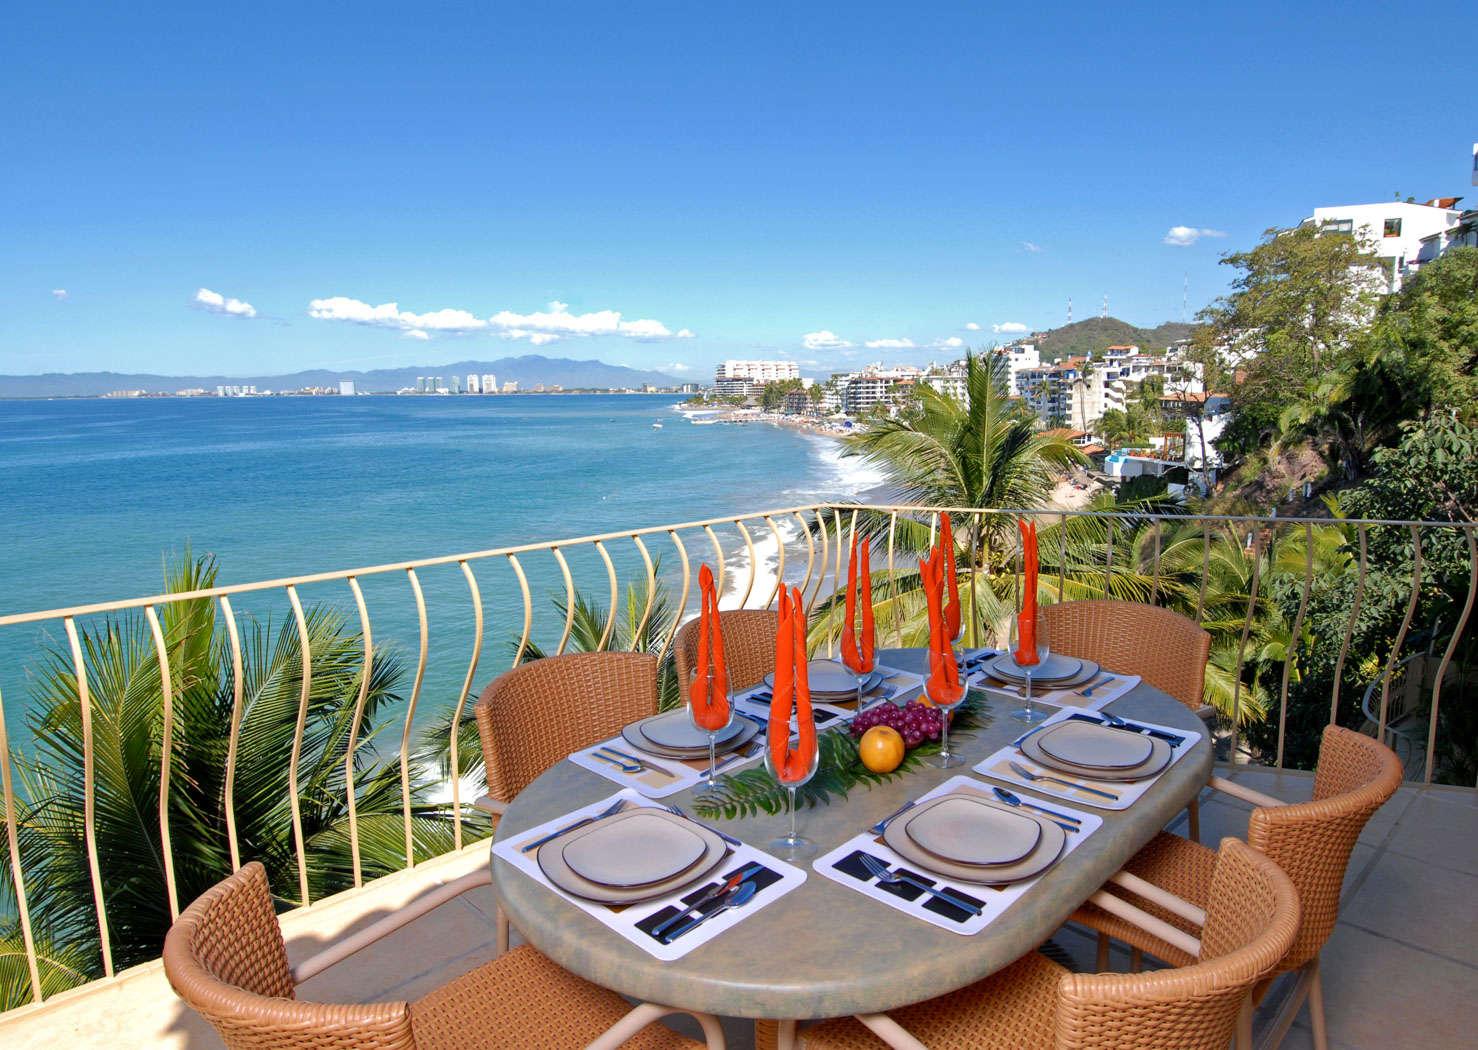 Luxury vacation rentals mexico - Puerto vallarta - Conchas chinas - No location 4 - Villa Romantica | Puerto Vallarta Beach Club - Image 1/6